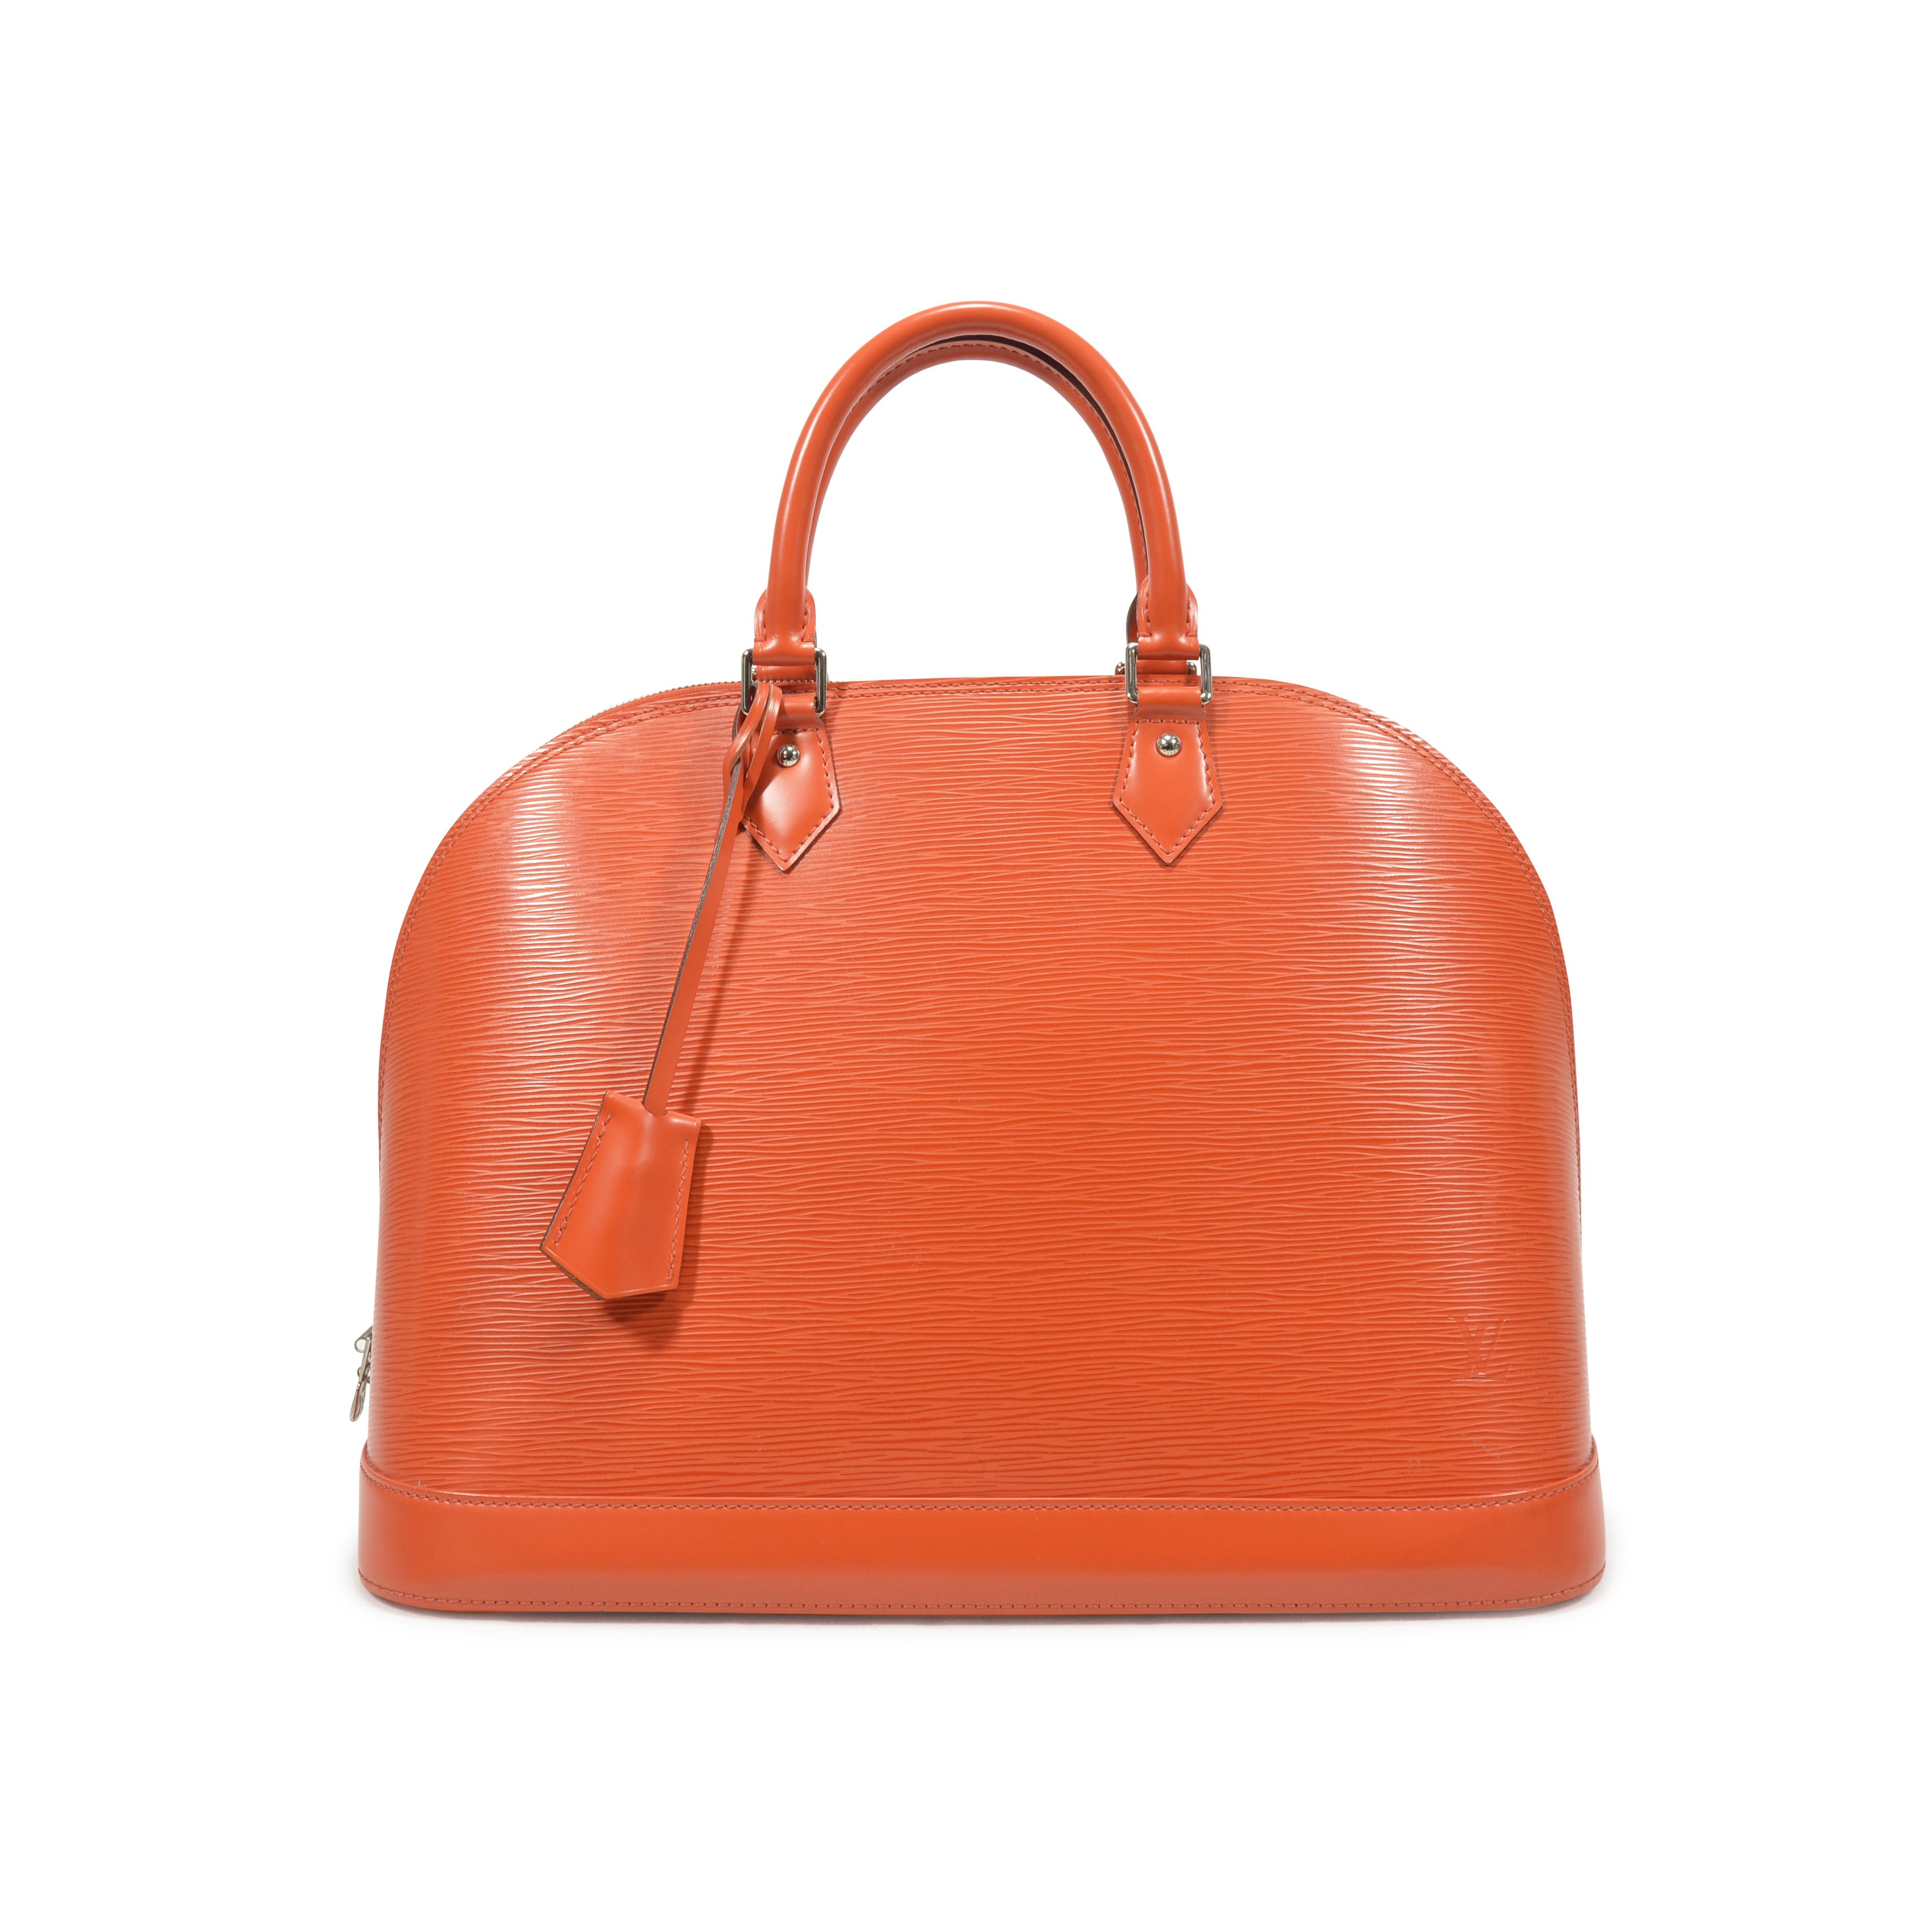 e53965479420 Authentic Second Hand Louis Vuitton Epi Alma GM Bag (PSS-237-00012 ...